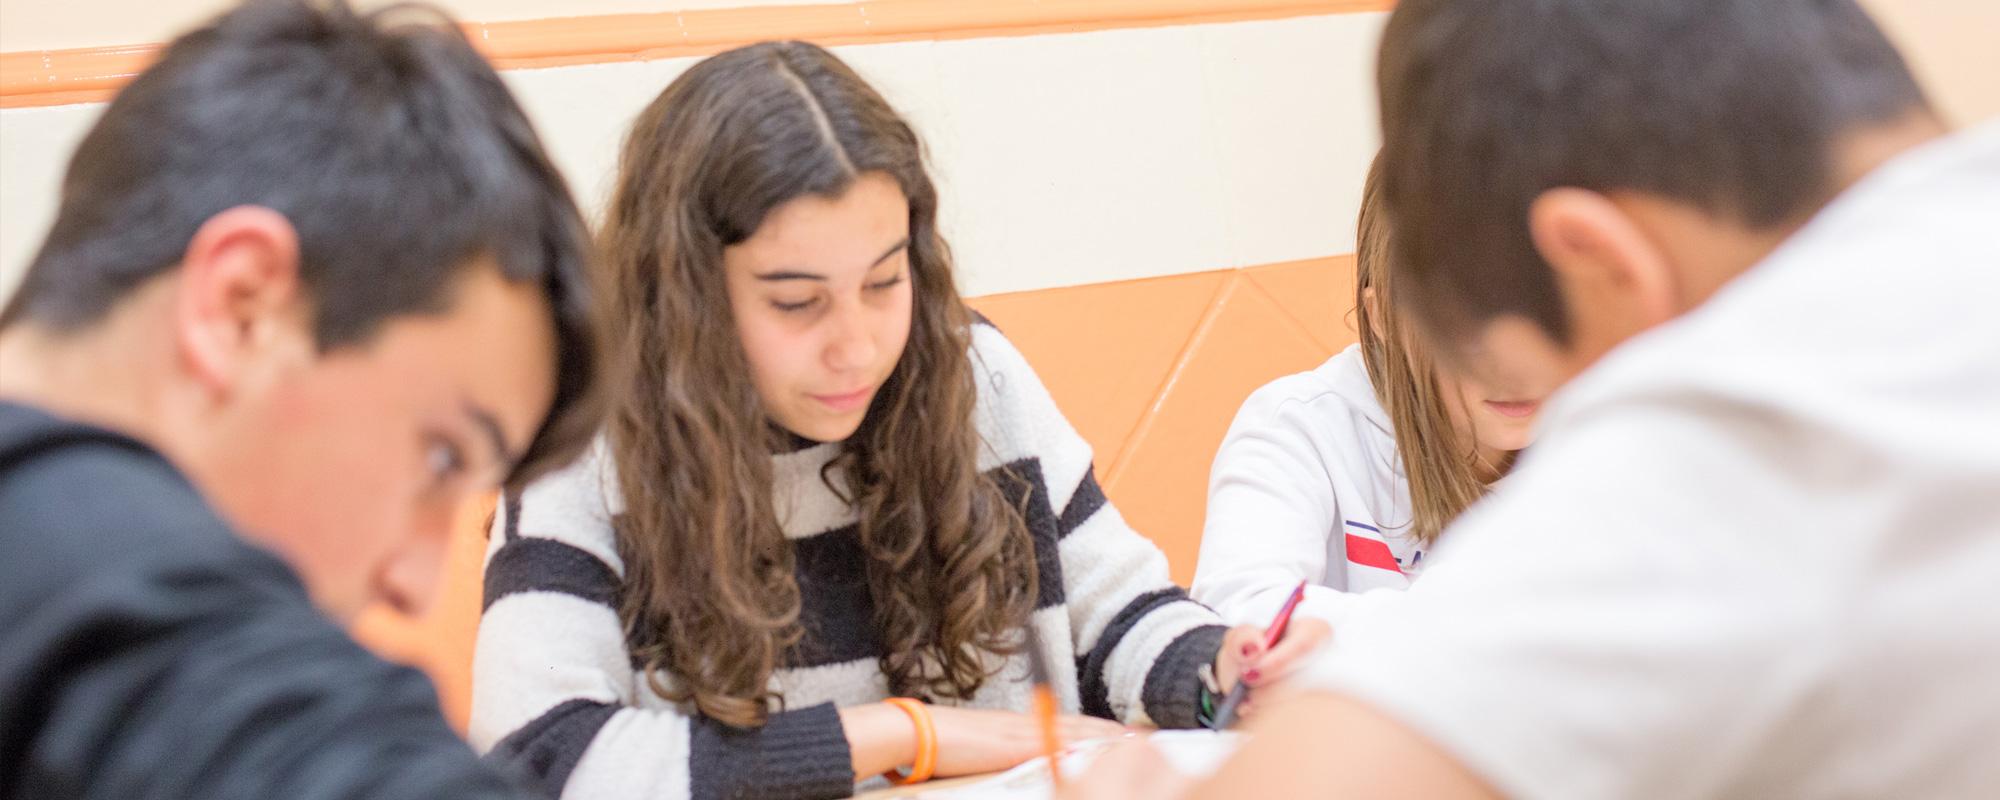 Clases de inglés y francés para todos los niveles, de niños a adolescentes